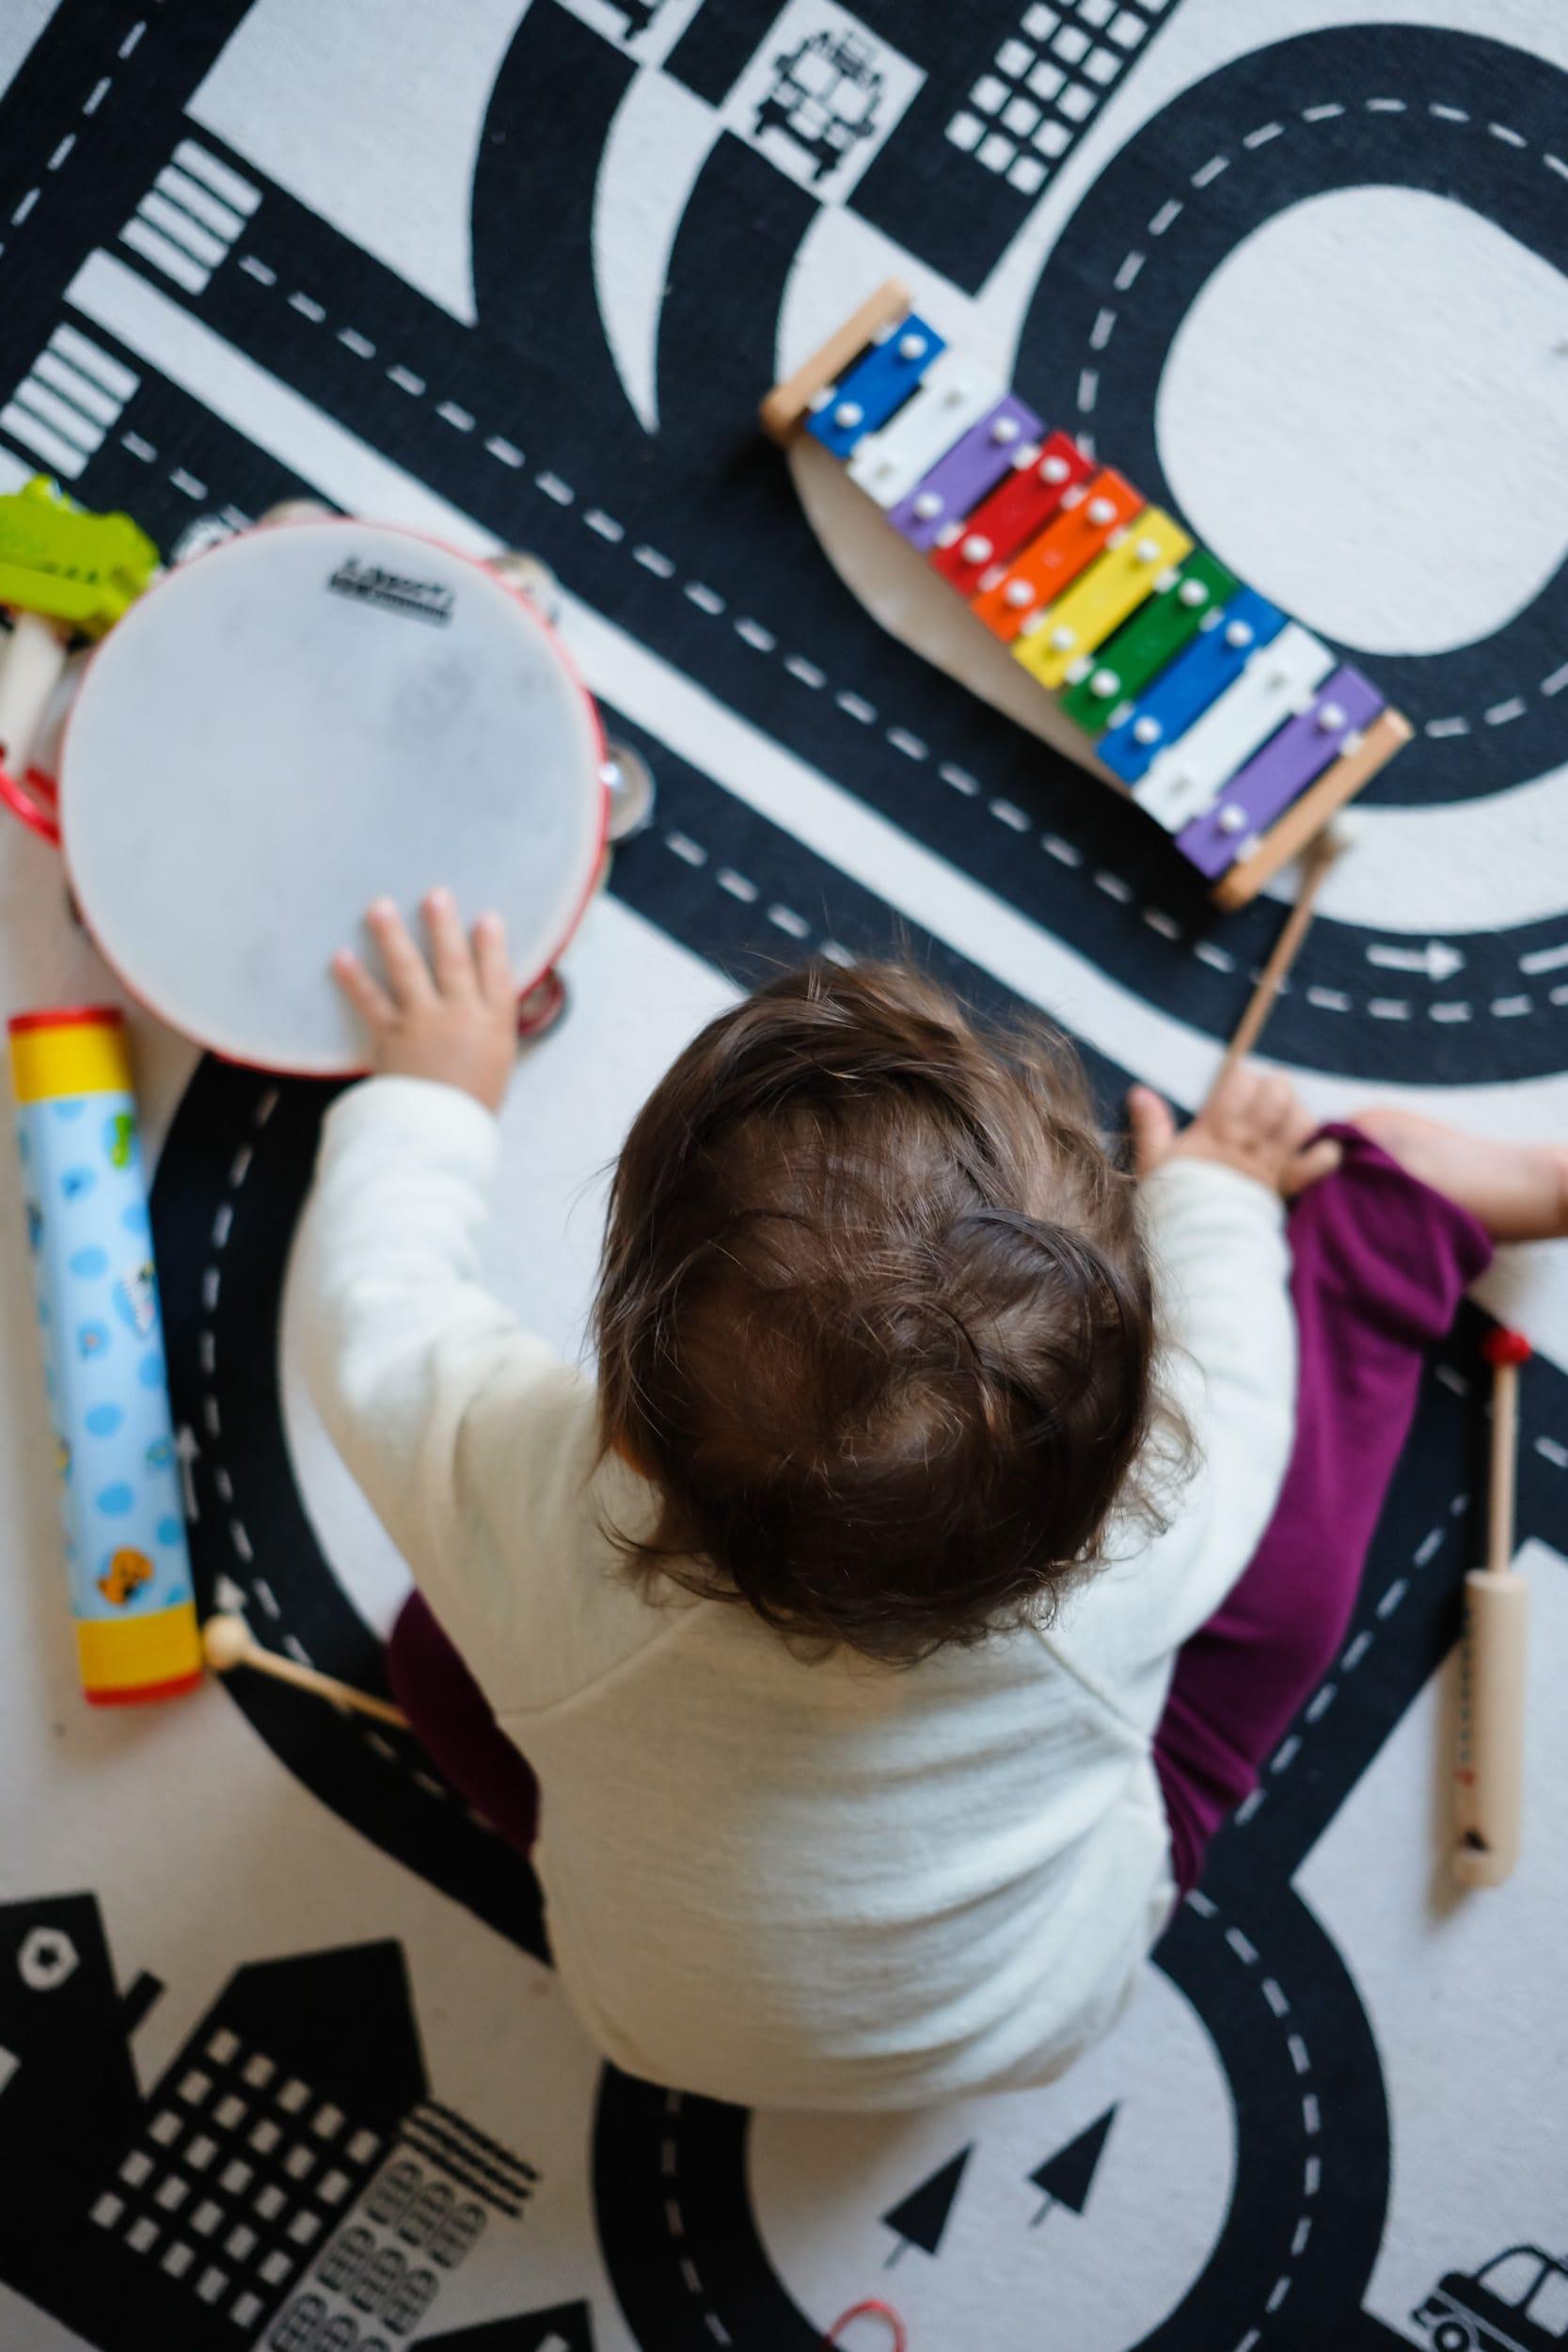 Musikinstrumente für Kleinkinder | Zuhause musizieren mit Kleinkindern und Babys | ivy.li